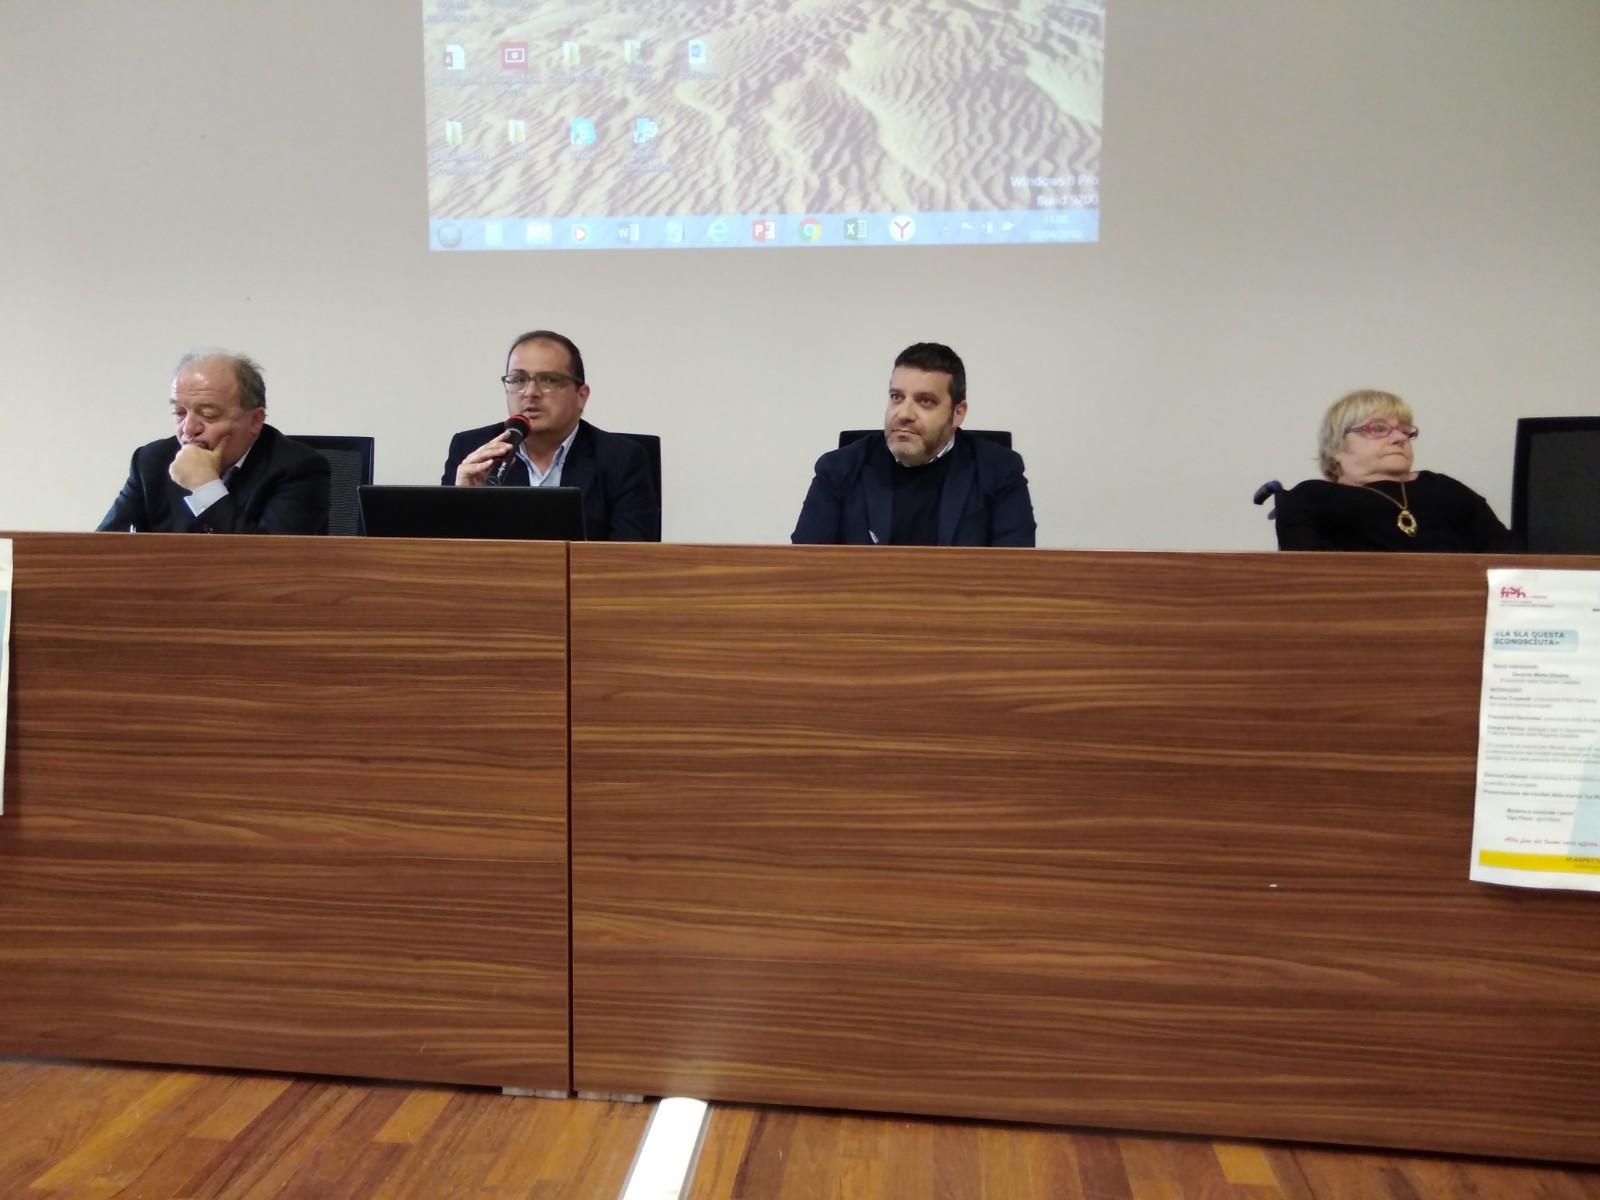 Foto della presentazione della ricerca nella Sala gialla della Regione Calabria